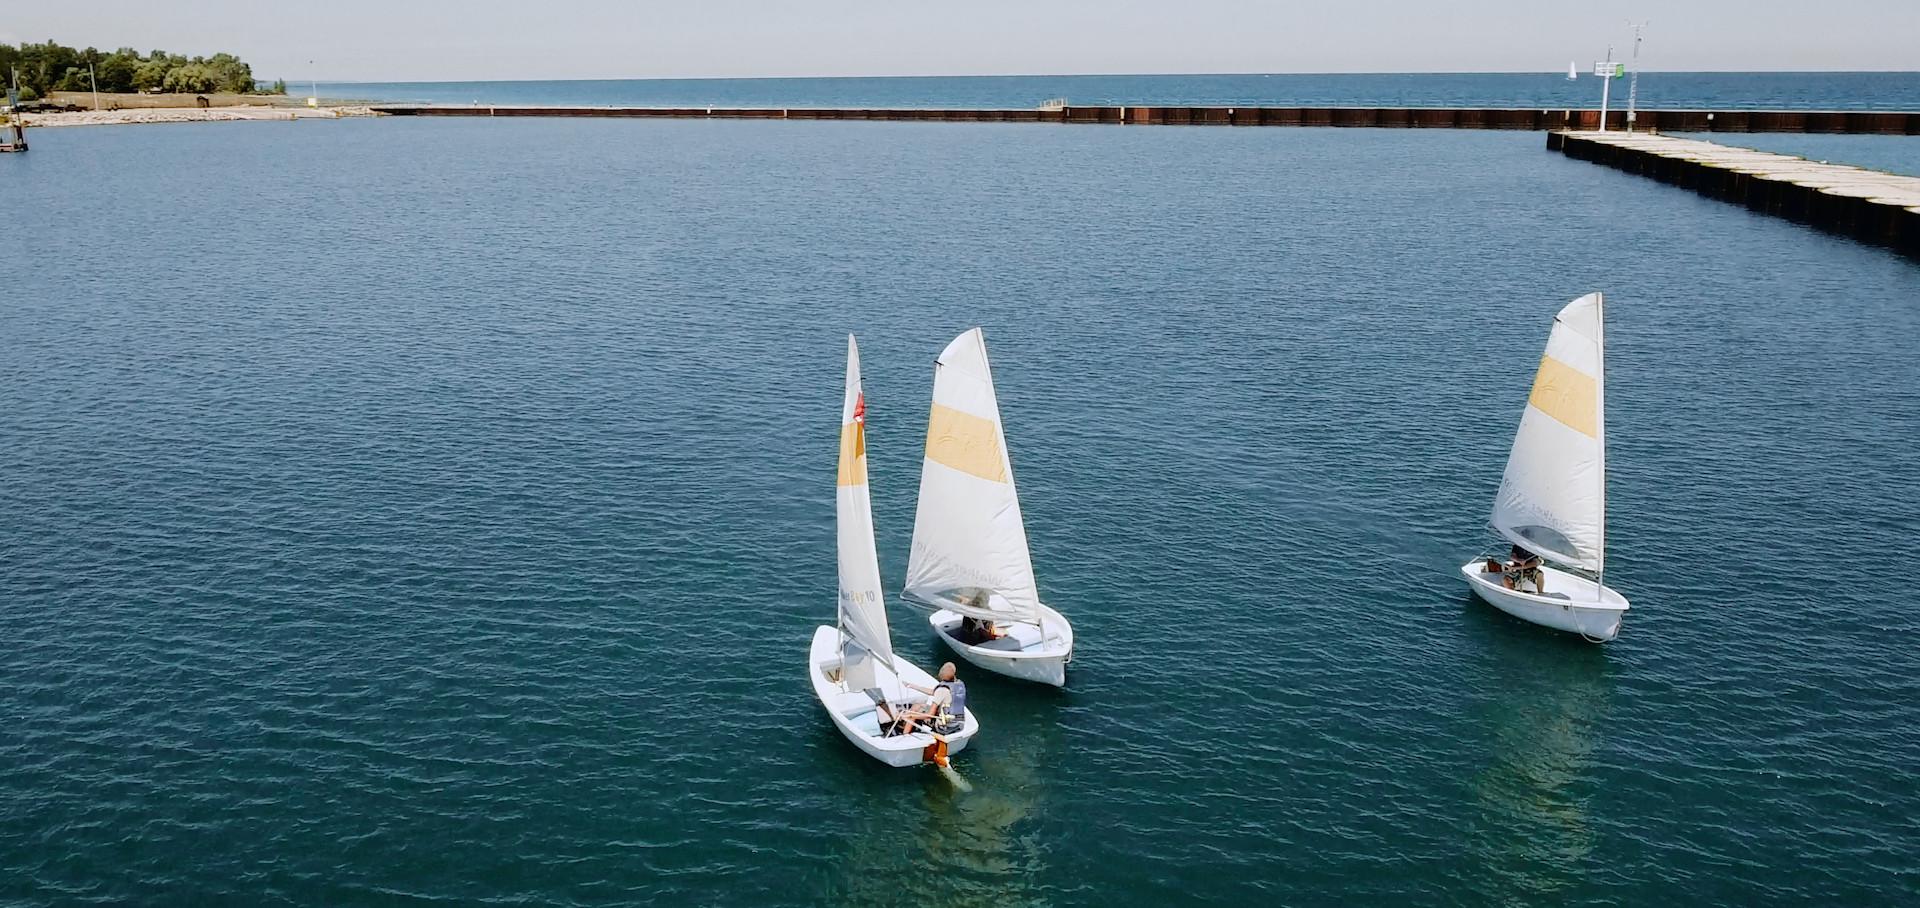 Civillian Sailing.00_00_49_05.Still005.j